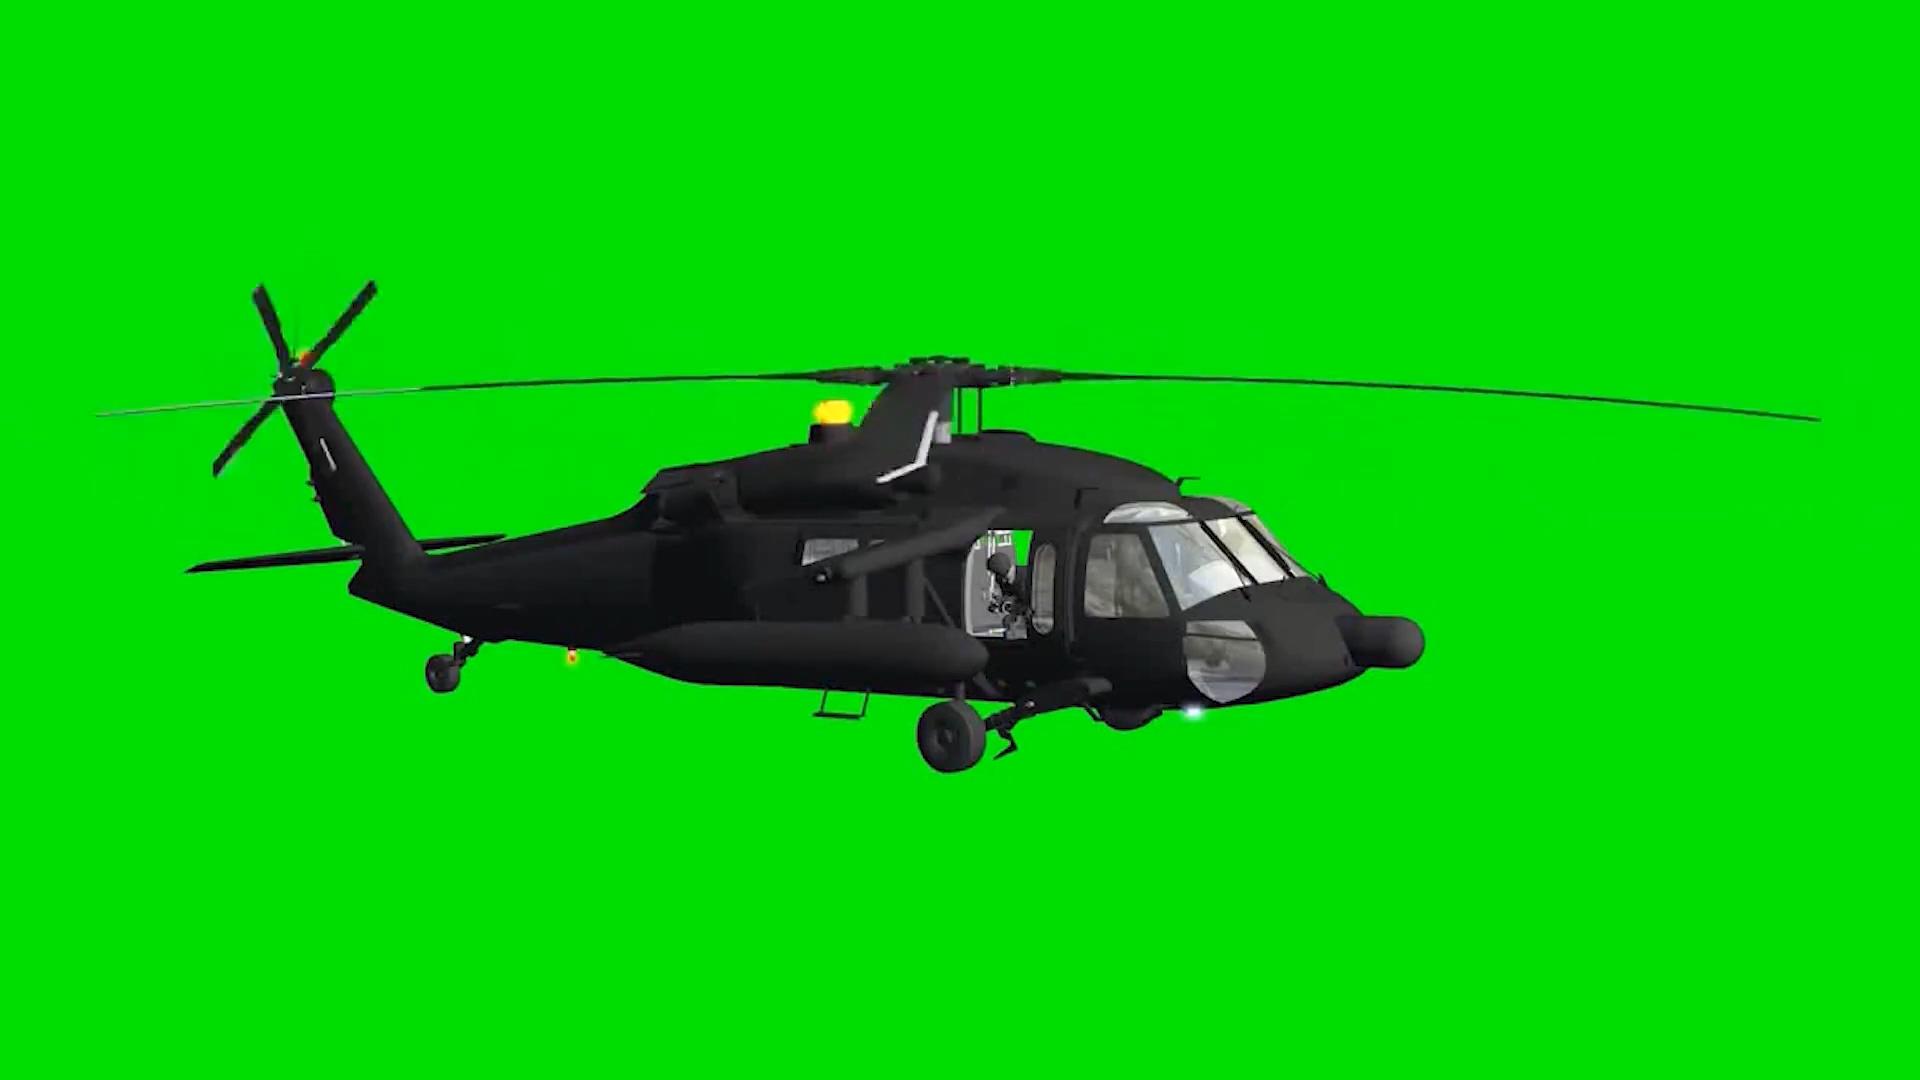 绿屏抠像军用直升机2